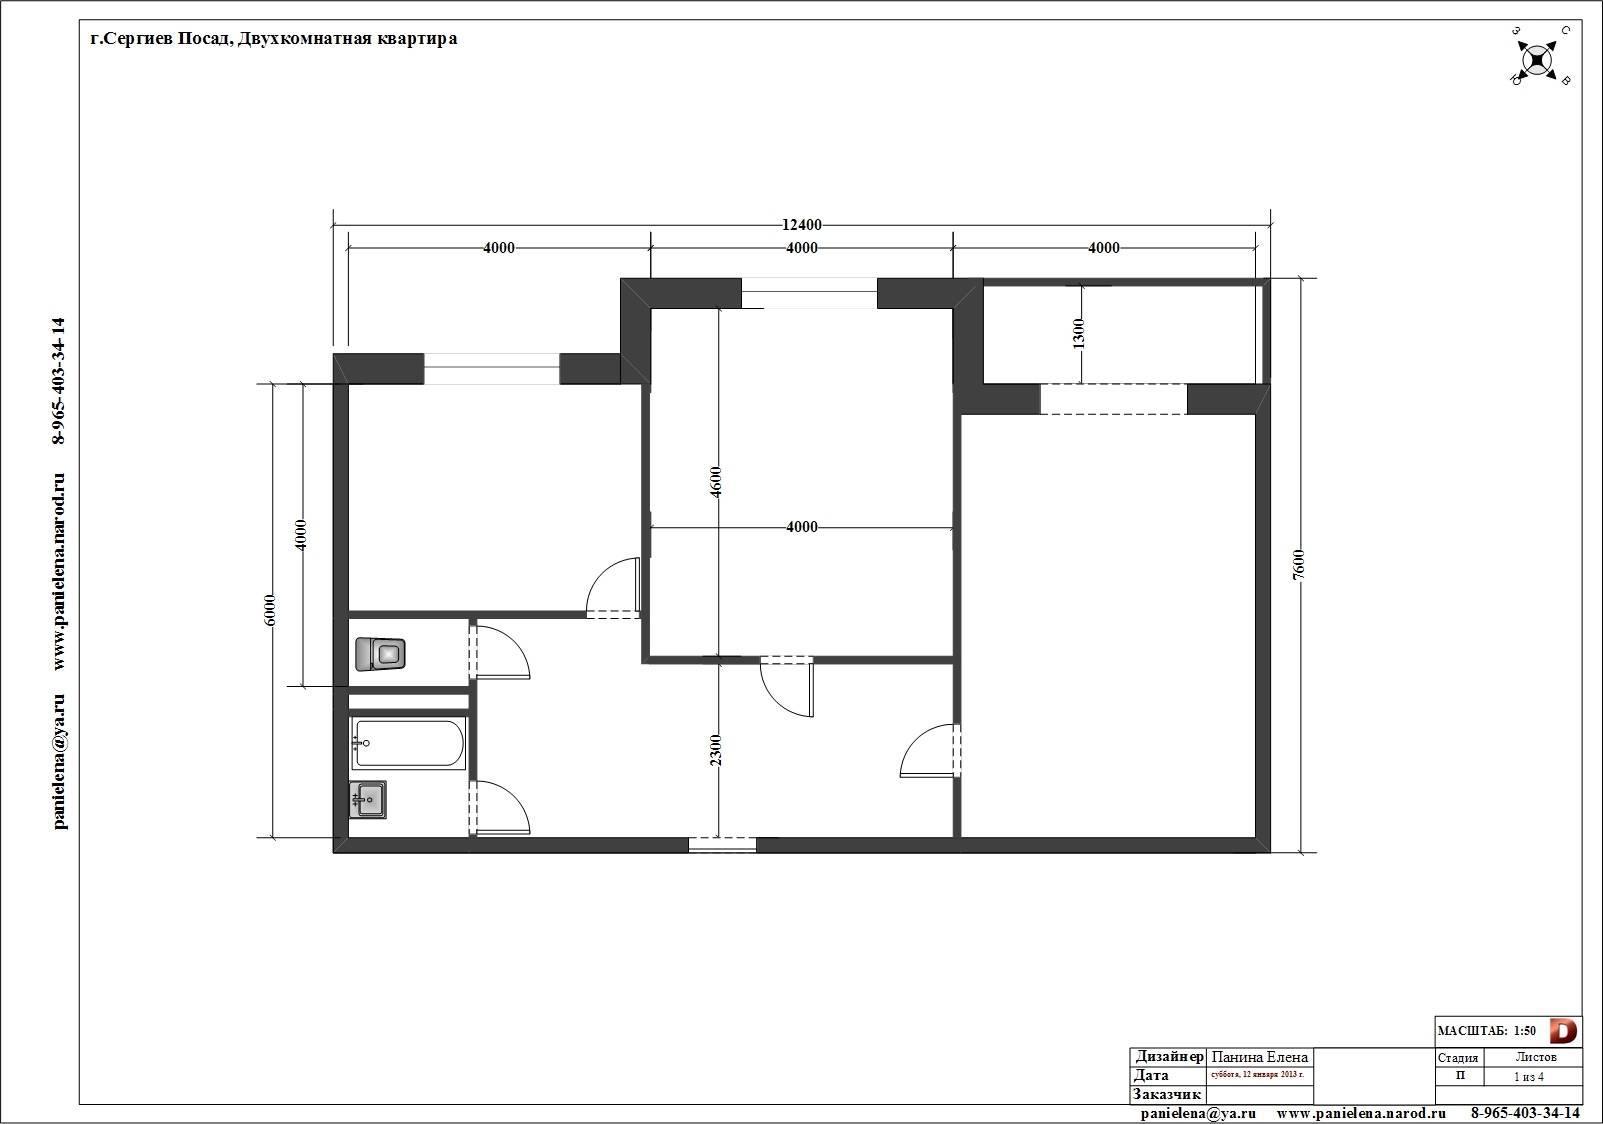 Планировка квартиры 40 квм схемы с размерами.